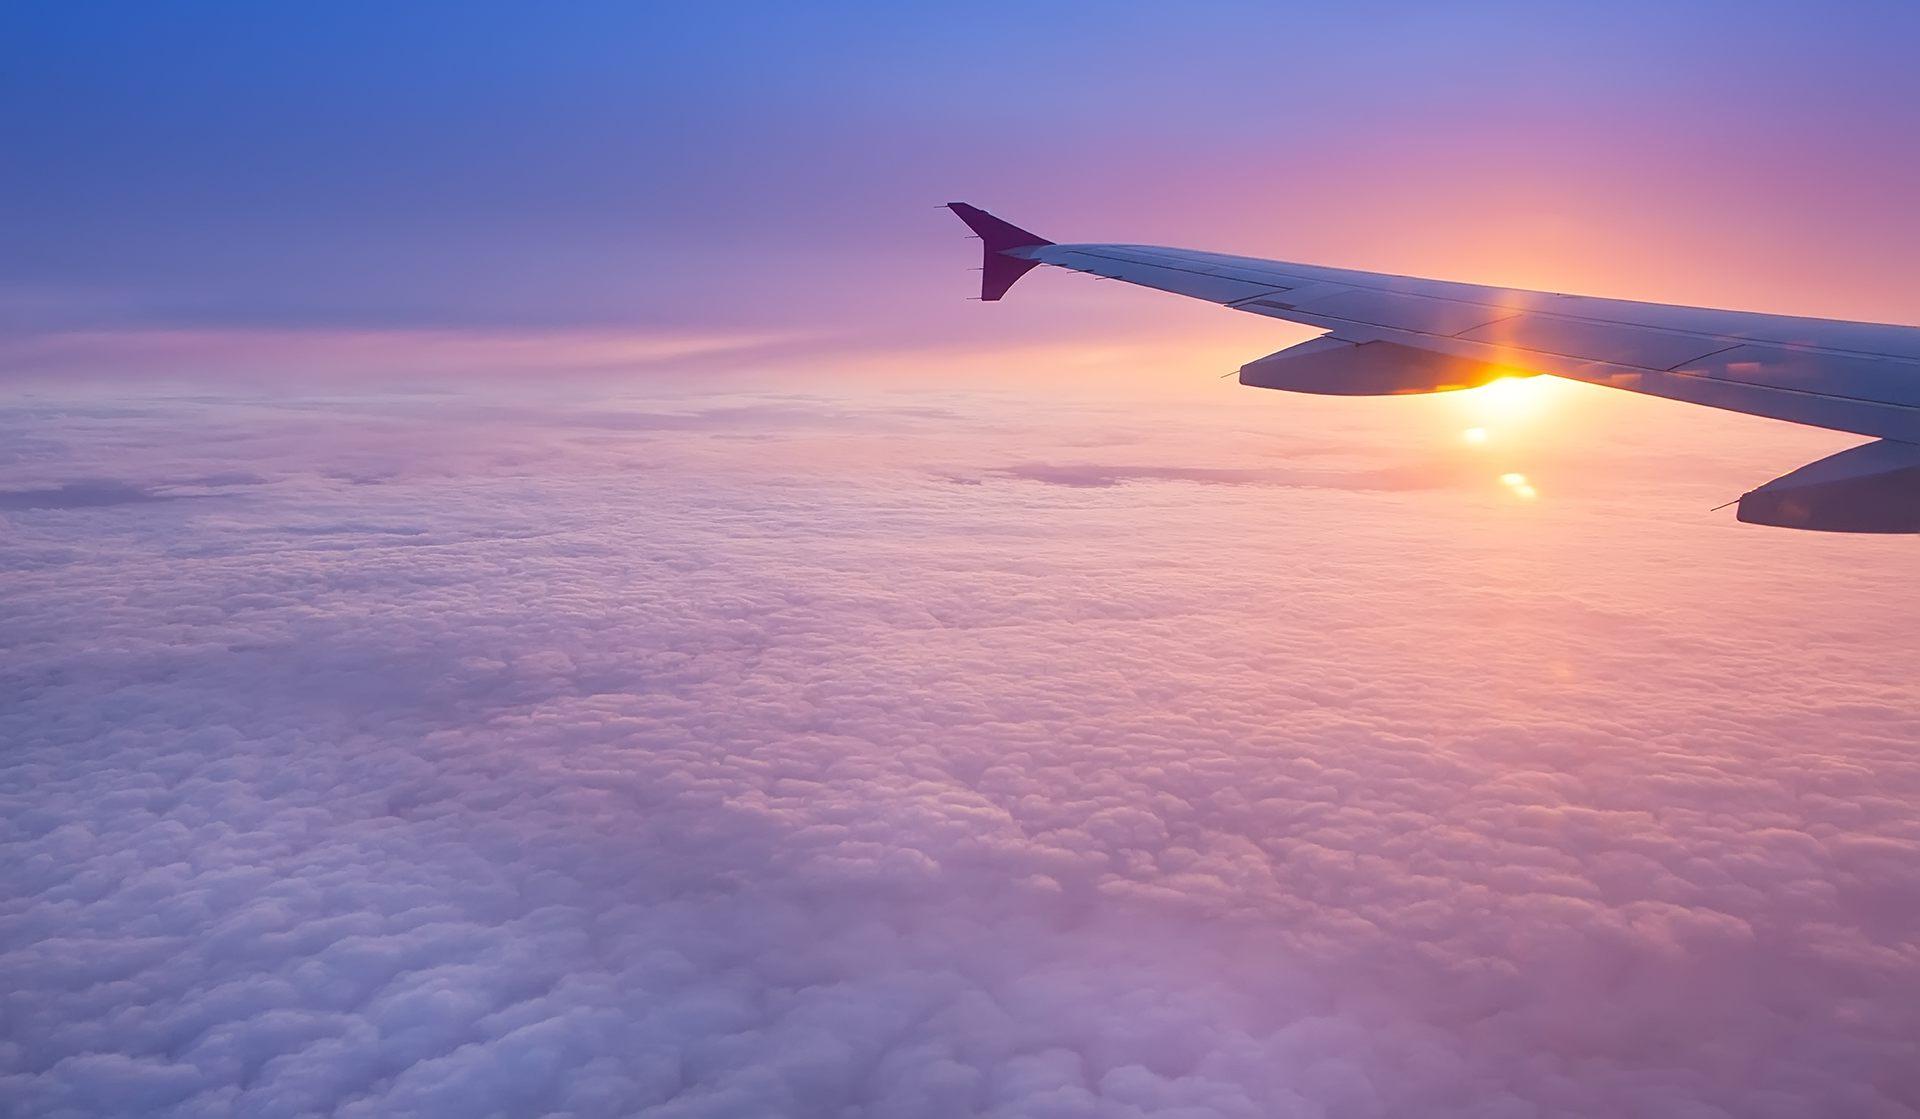 Сколько времени лететь из москвы до иркутска